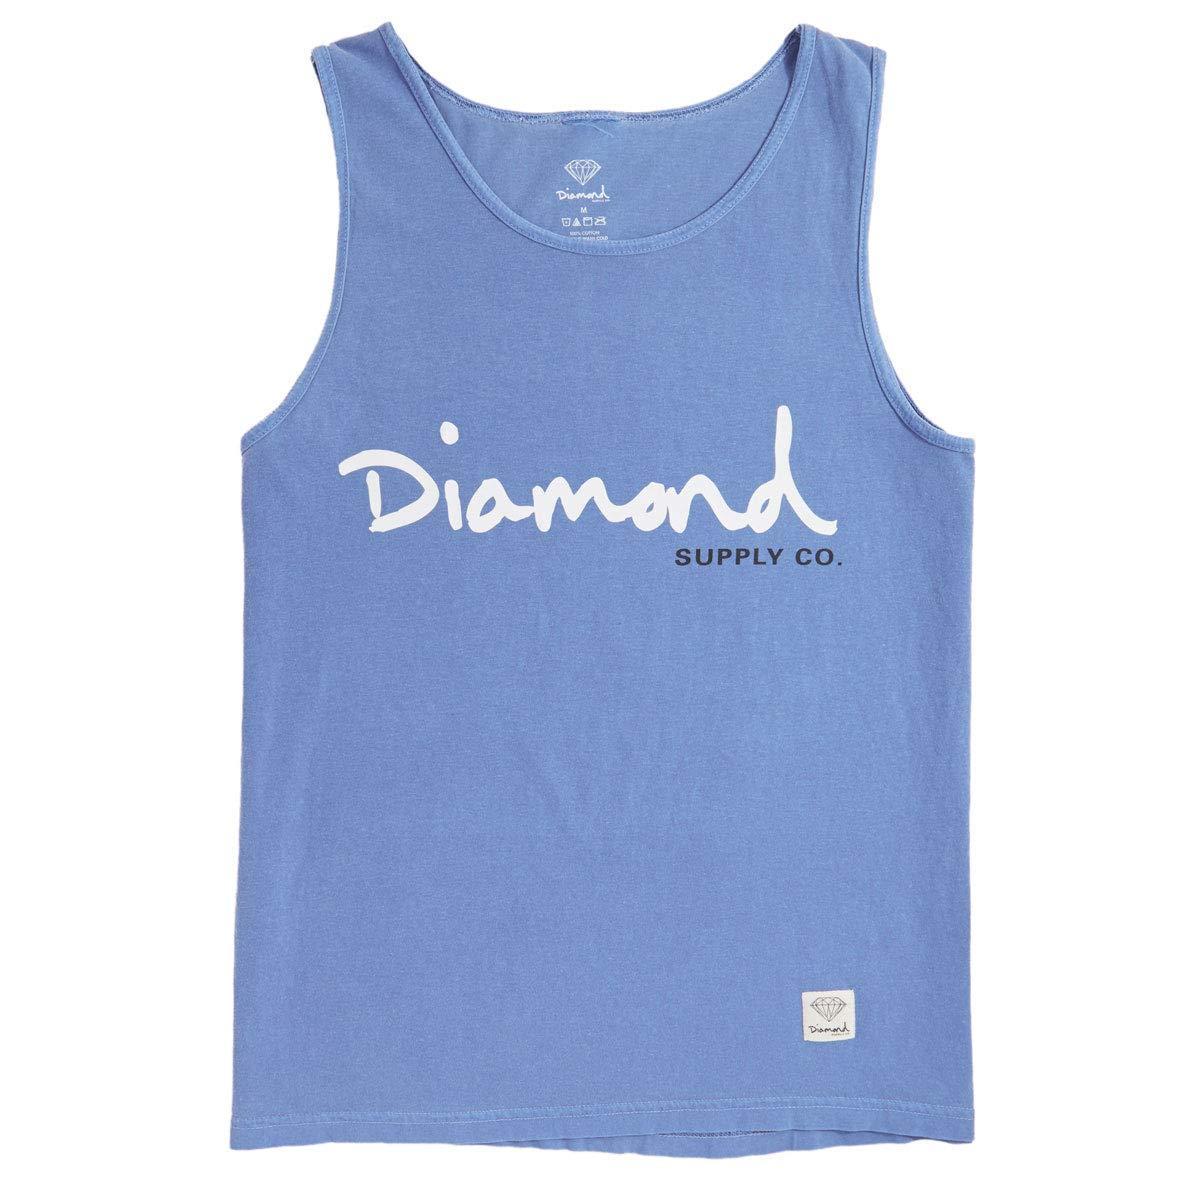 OG Script Overdye Tank Top Blue Diamond Supply Co